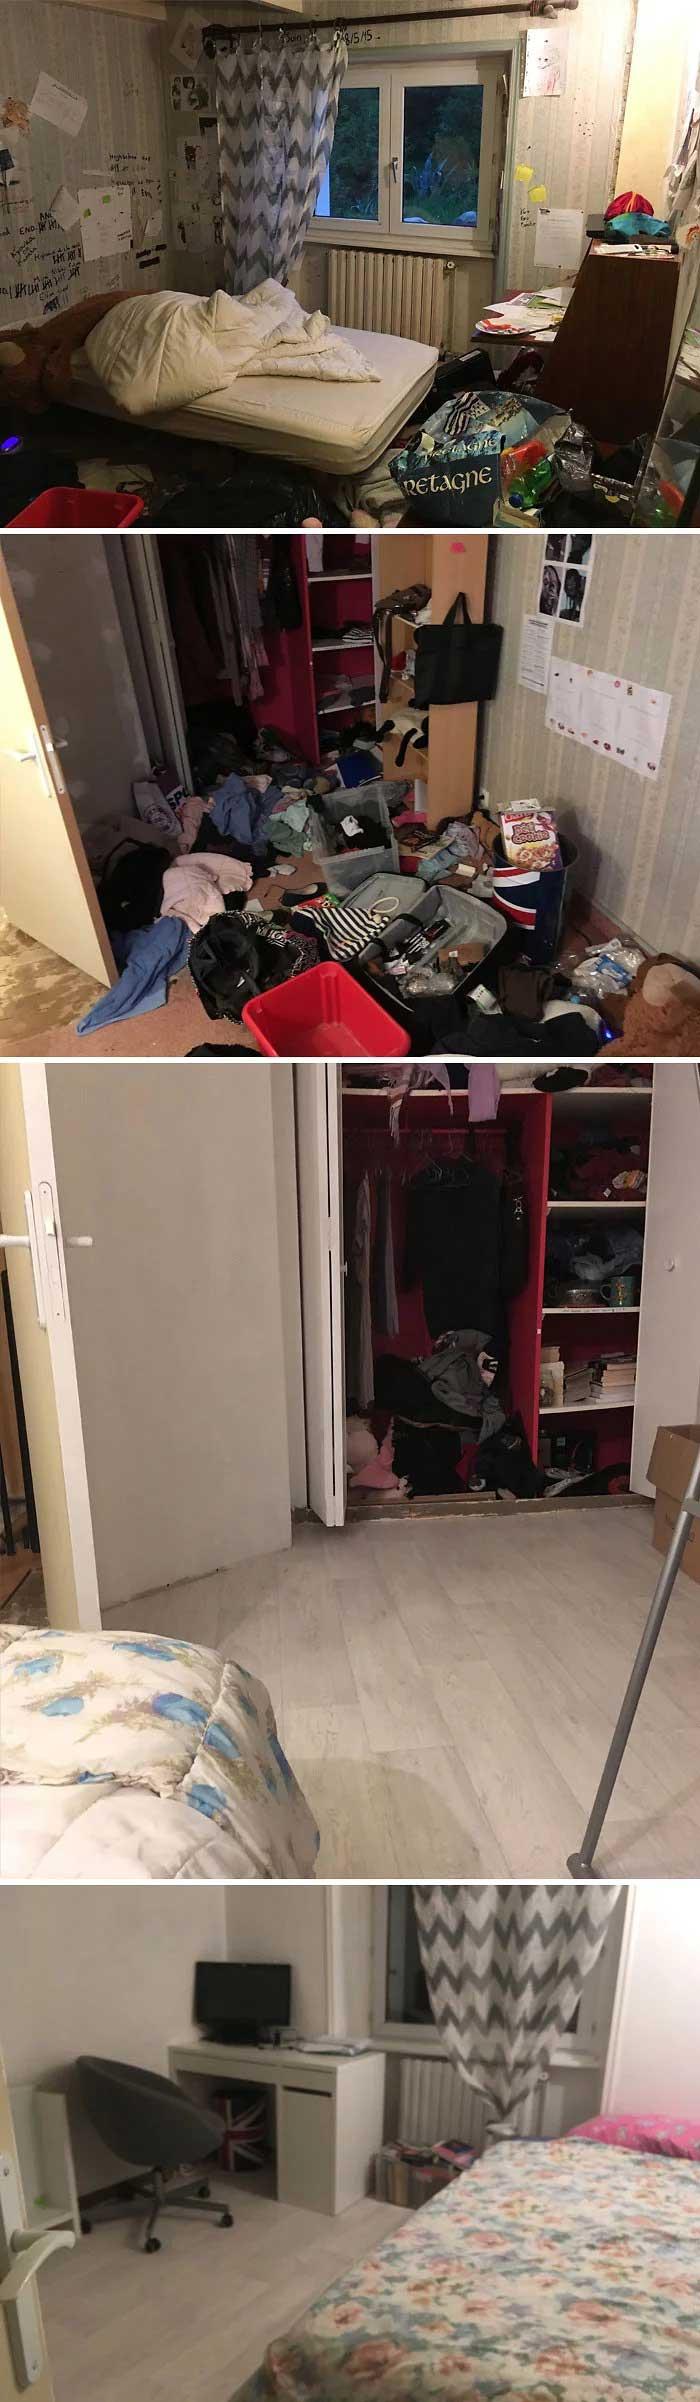 Bedrooms28Depress es2